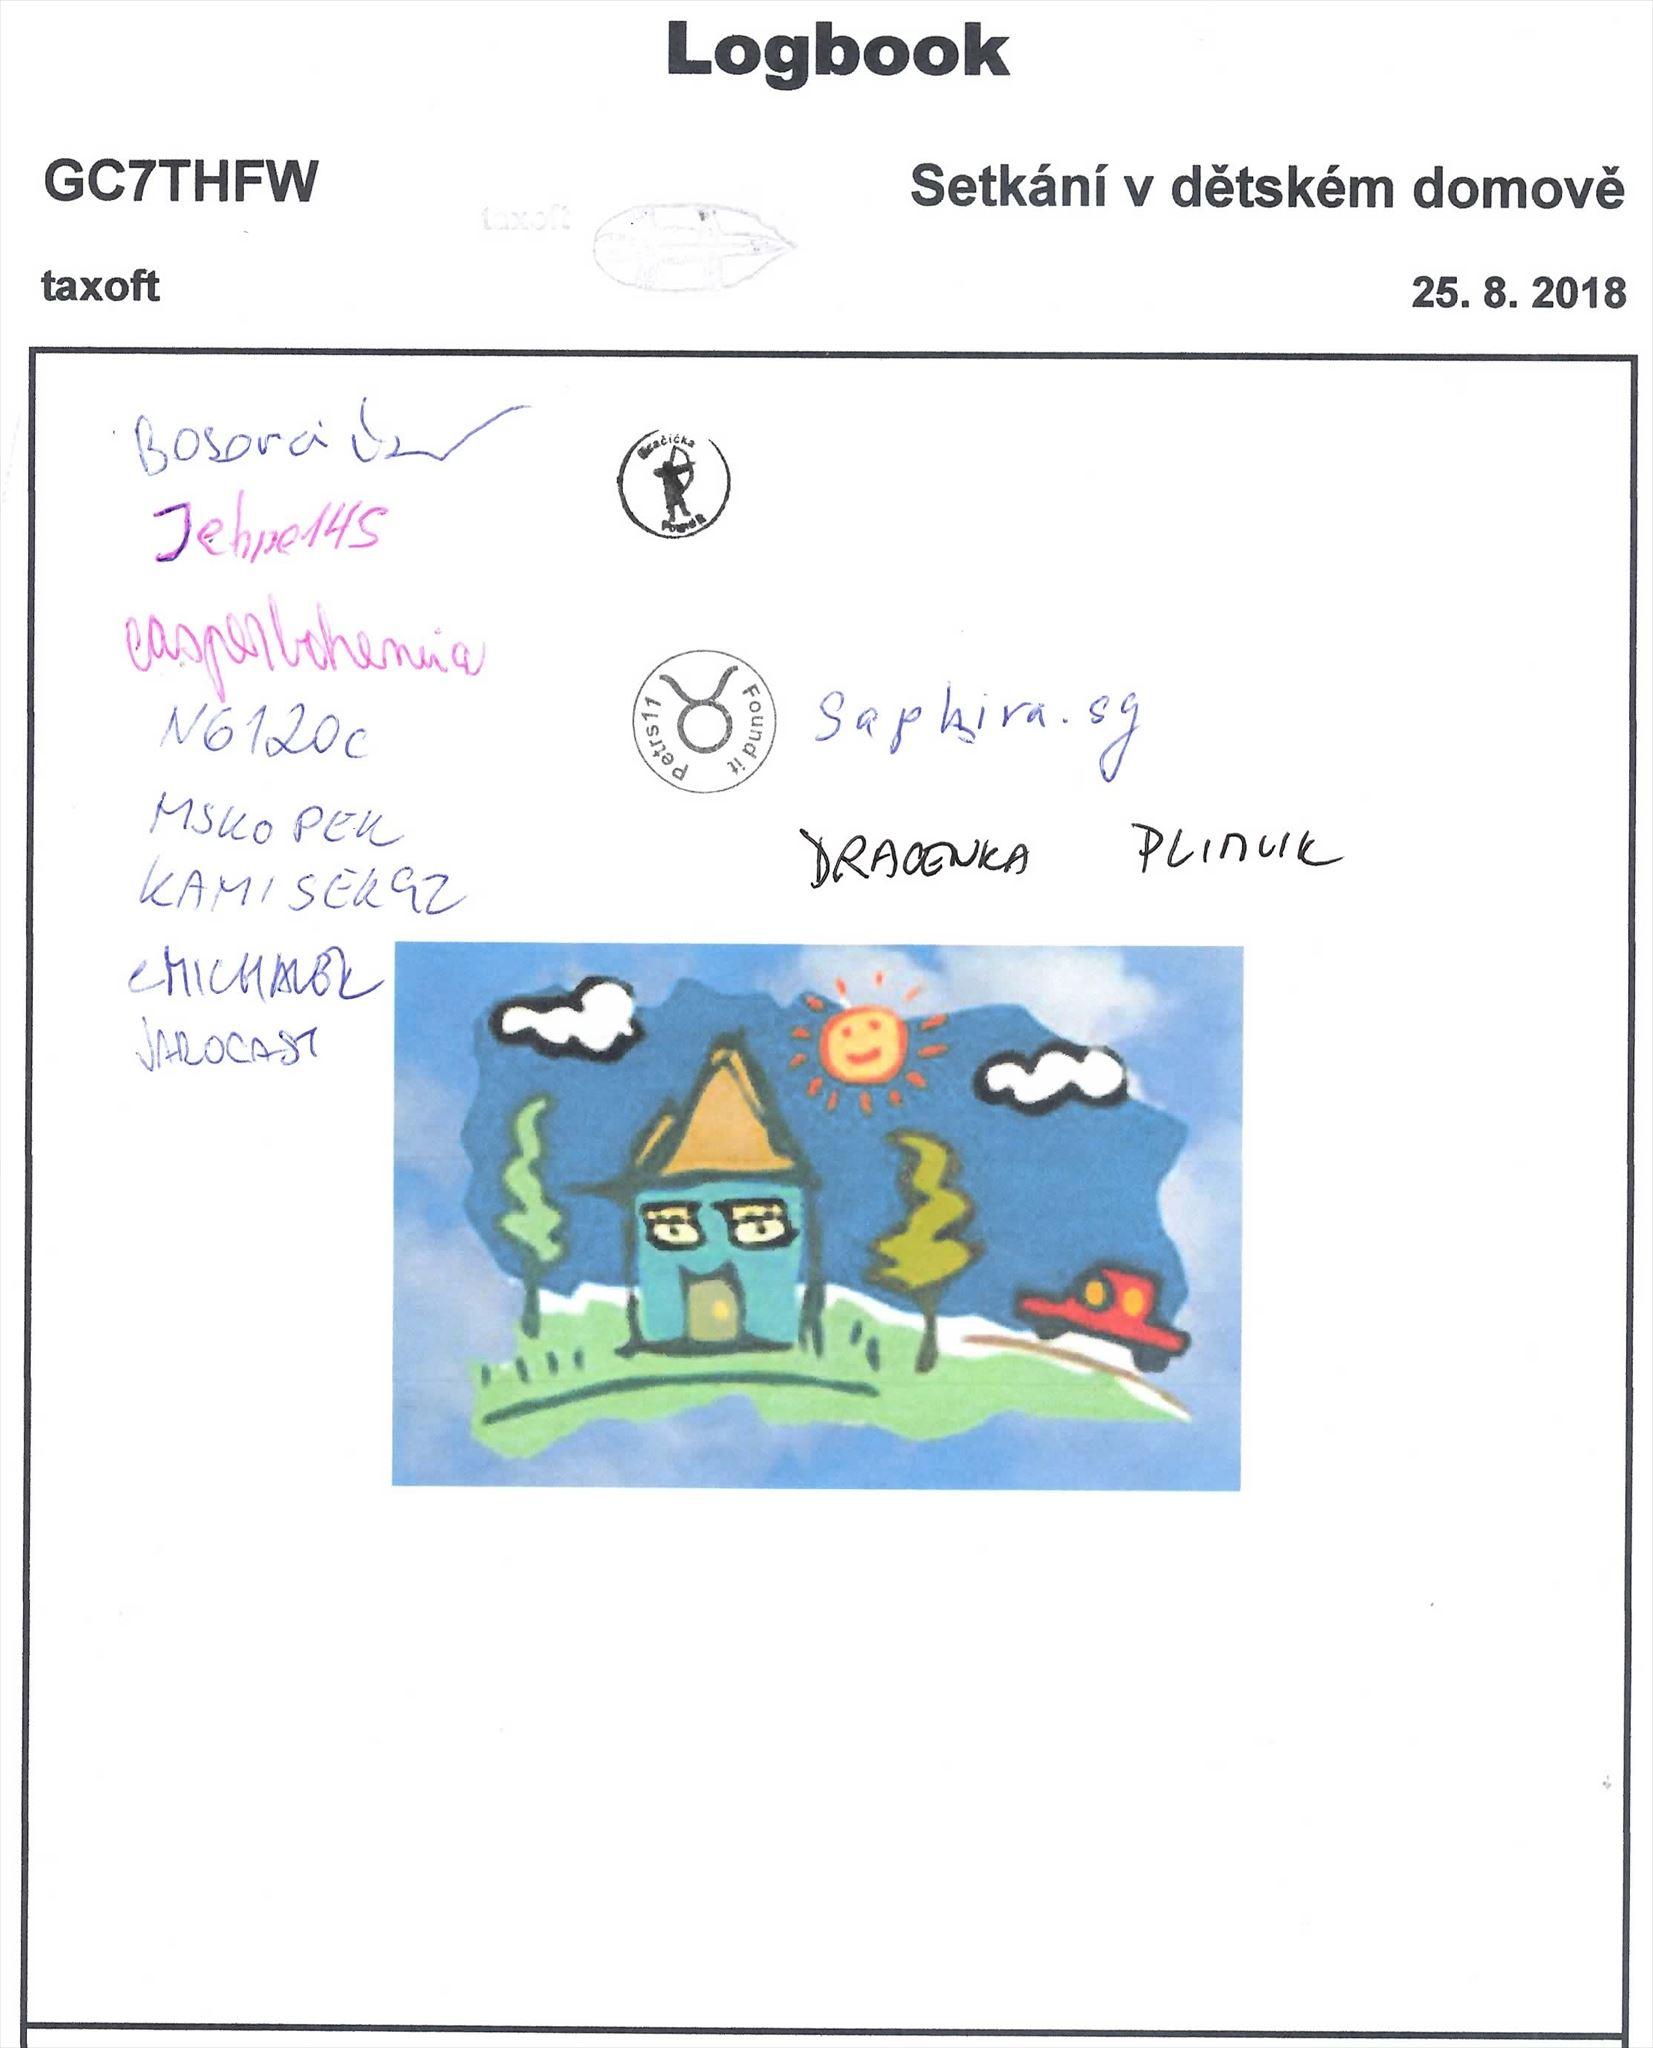 GC7THFW - Setkání v dětském domově - logbook